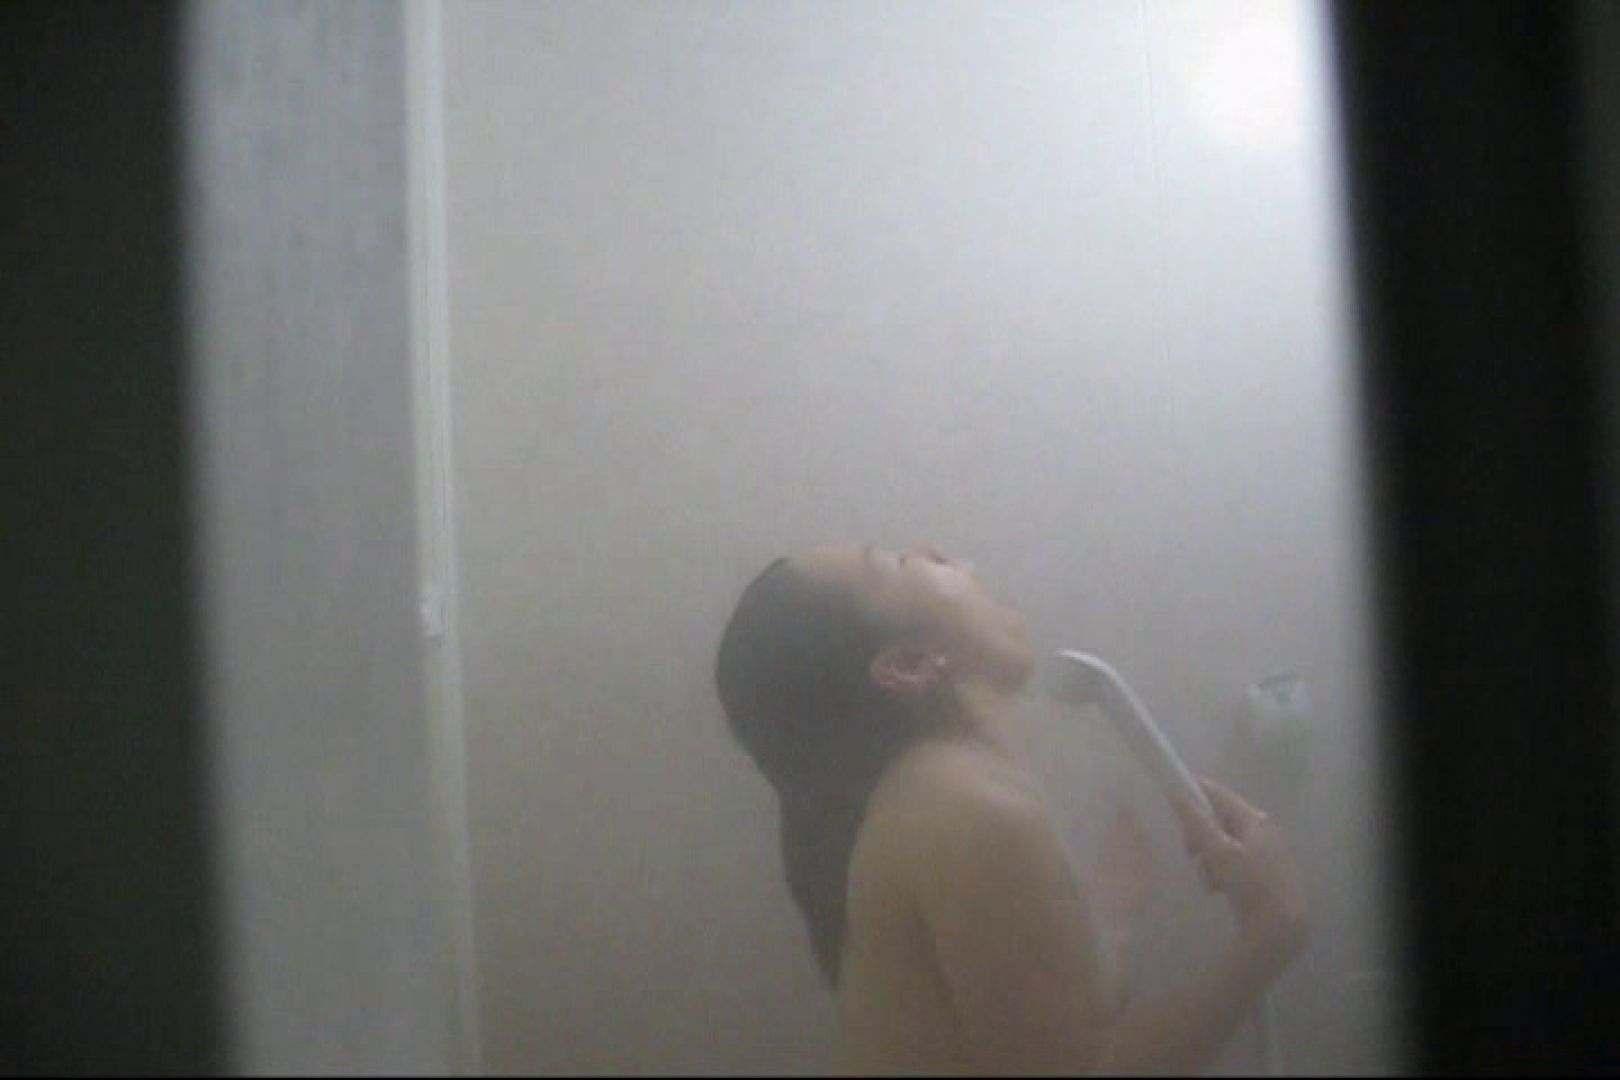 投稿者ハイロスさんのドキドキ覗き主観!VOL.01(一般女性5名 民家浴場編) 女子風呂盗撮 オメコ無修正動画無料 66画像 52